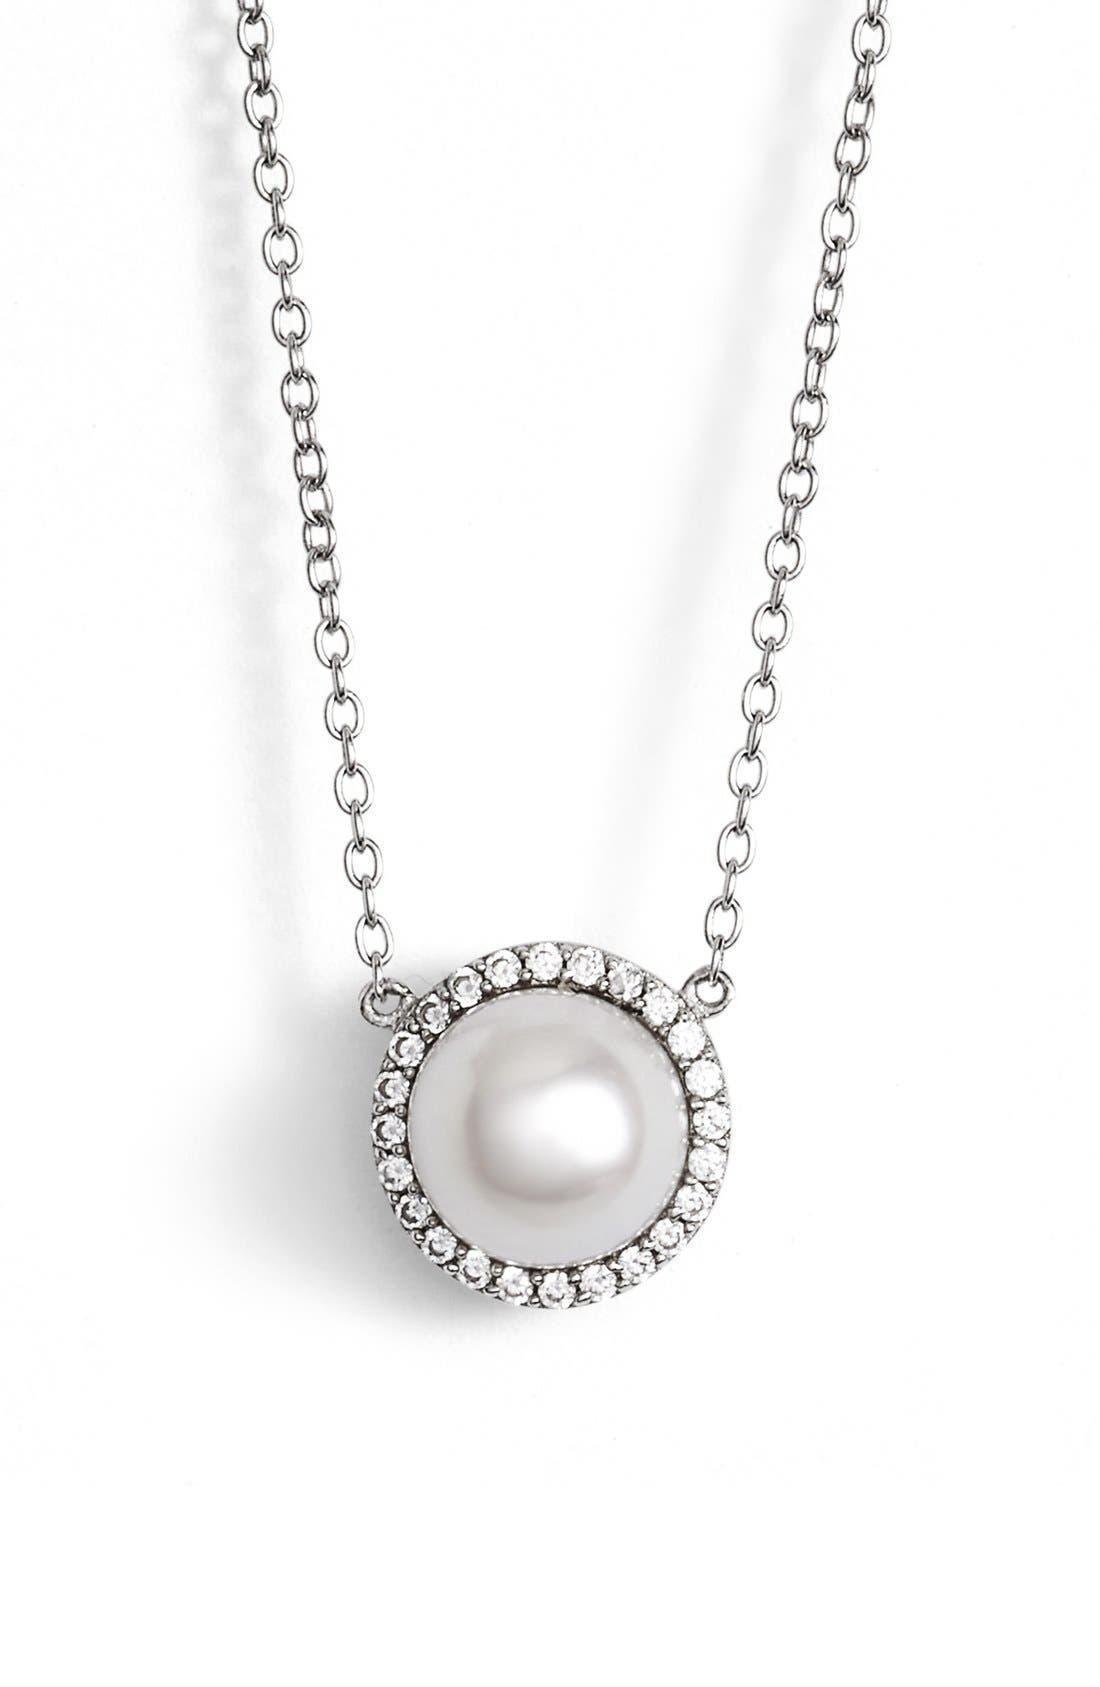 Main Image - Lafonn'Lassaire' Pearl Pendant Necklace